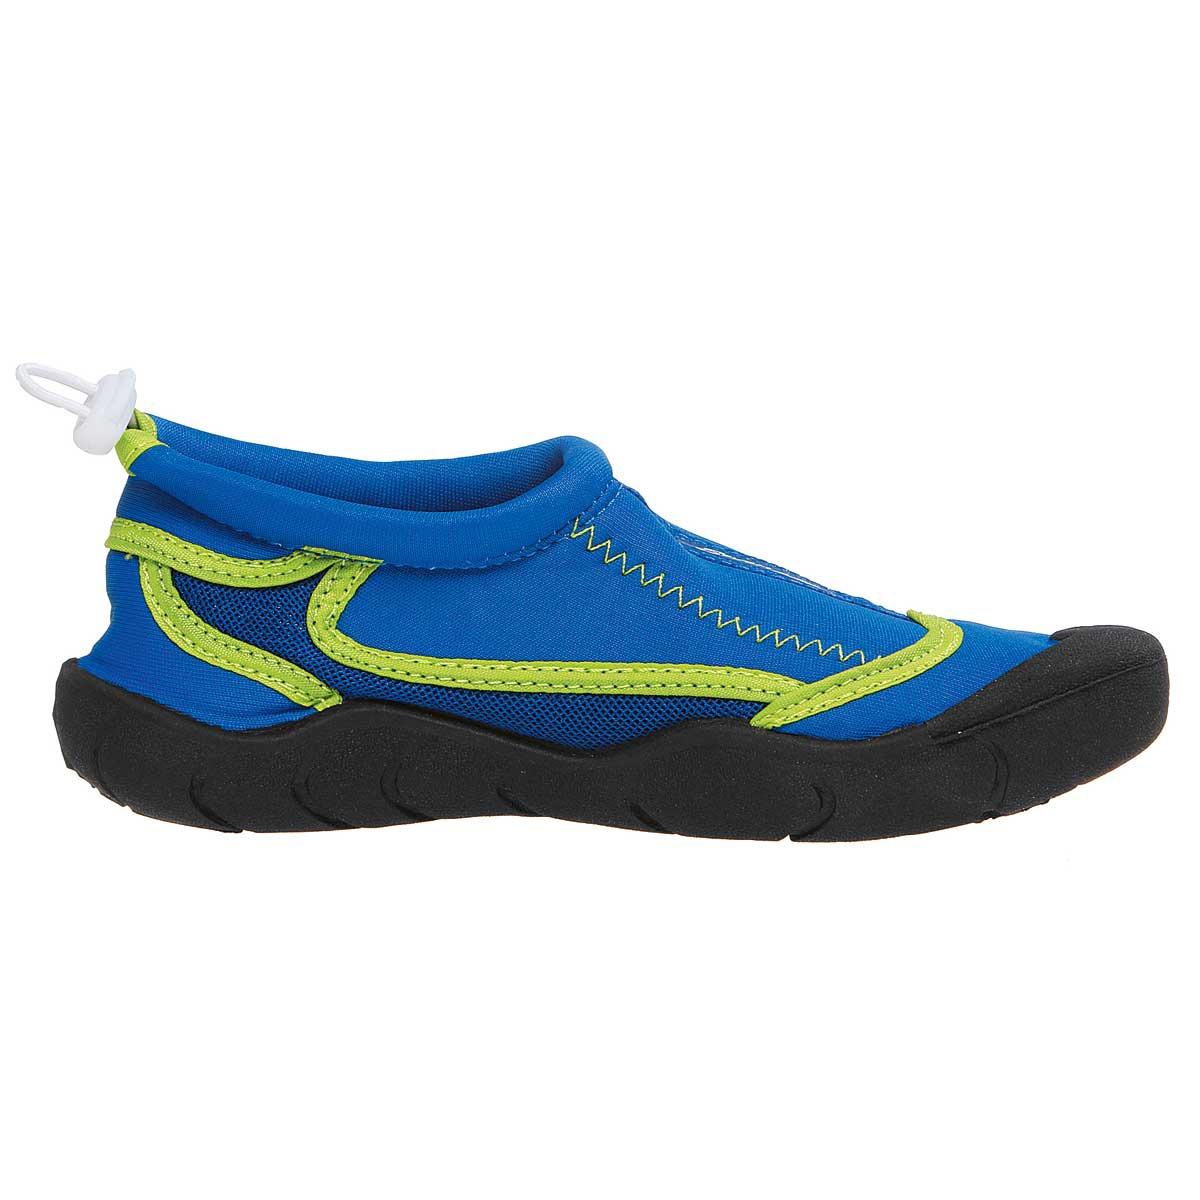 seven mile kids aqua reef shoes jqtcmqx